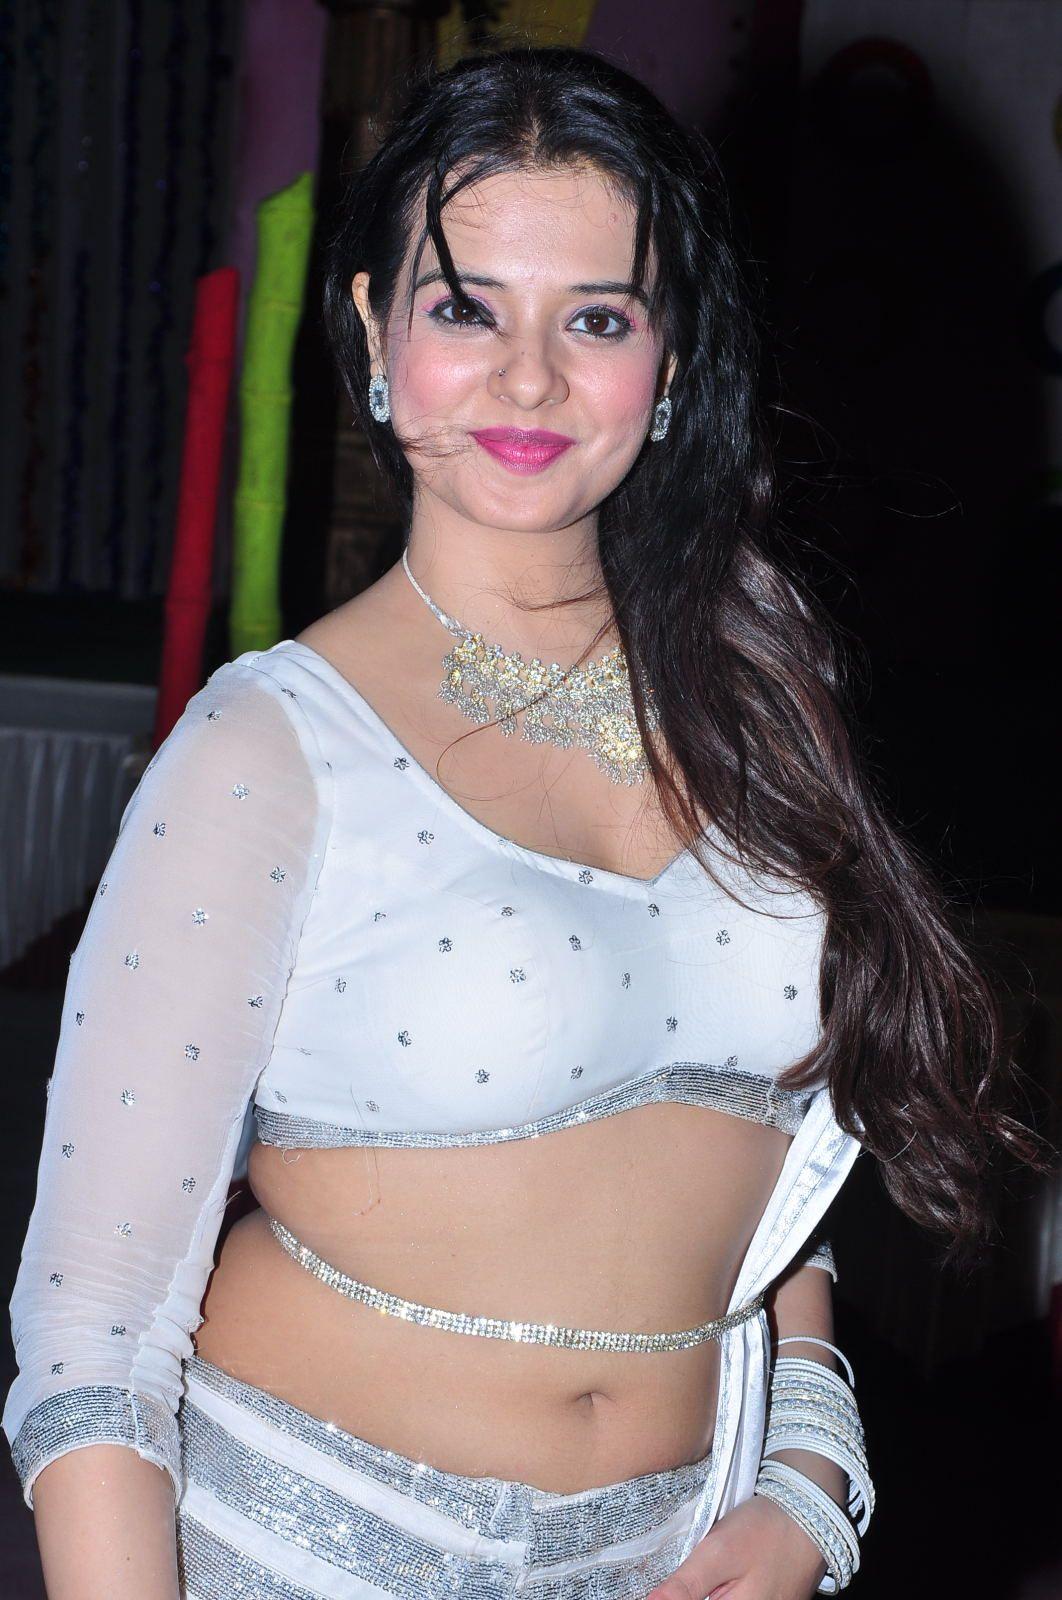 Porno Cleavage Saloni Aswani  nude (86 images), 2019, in bikini